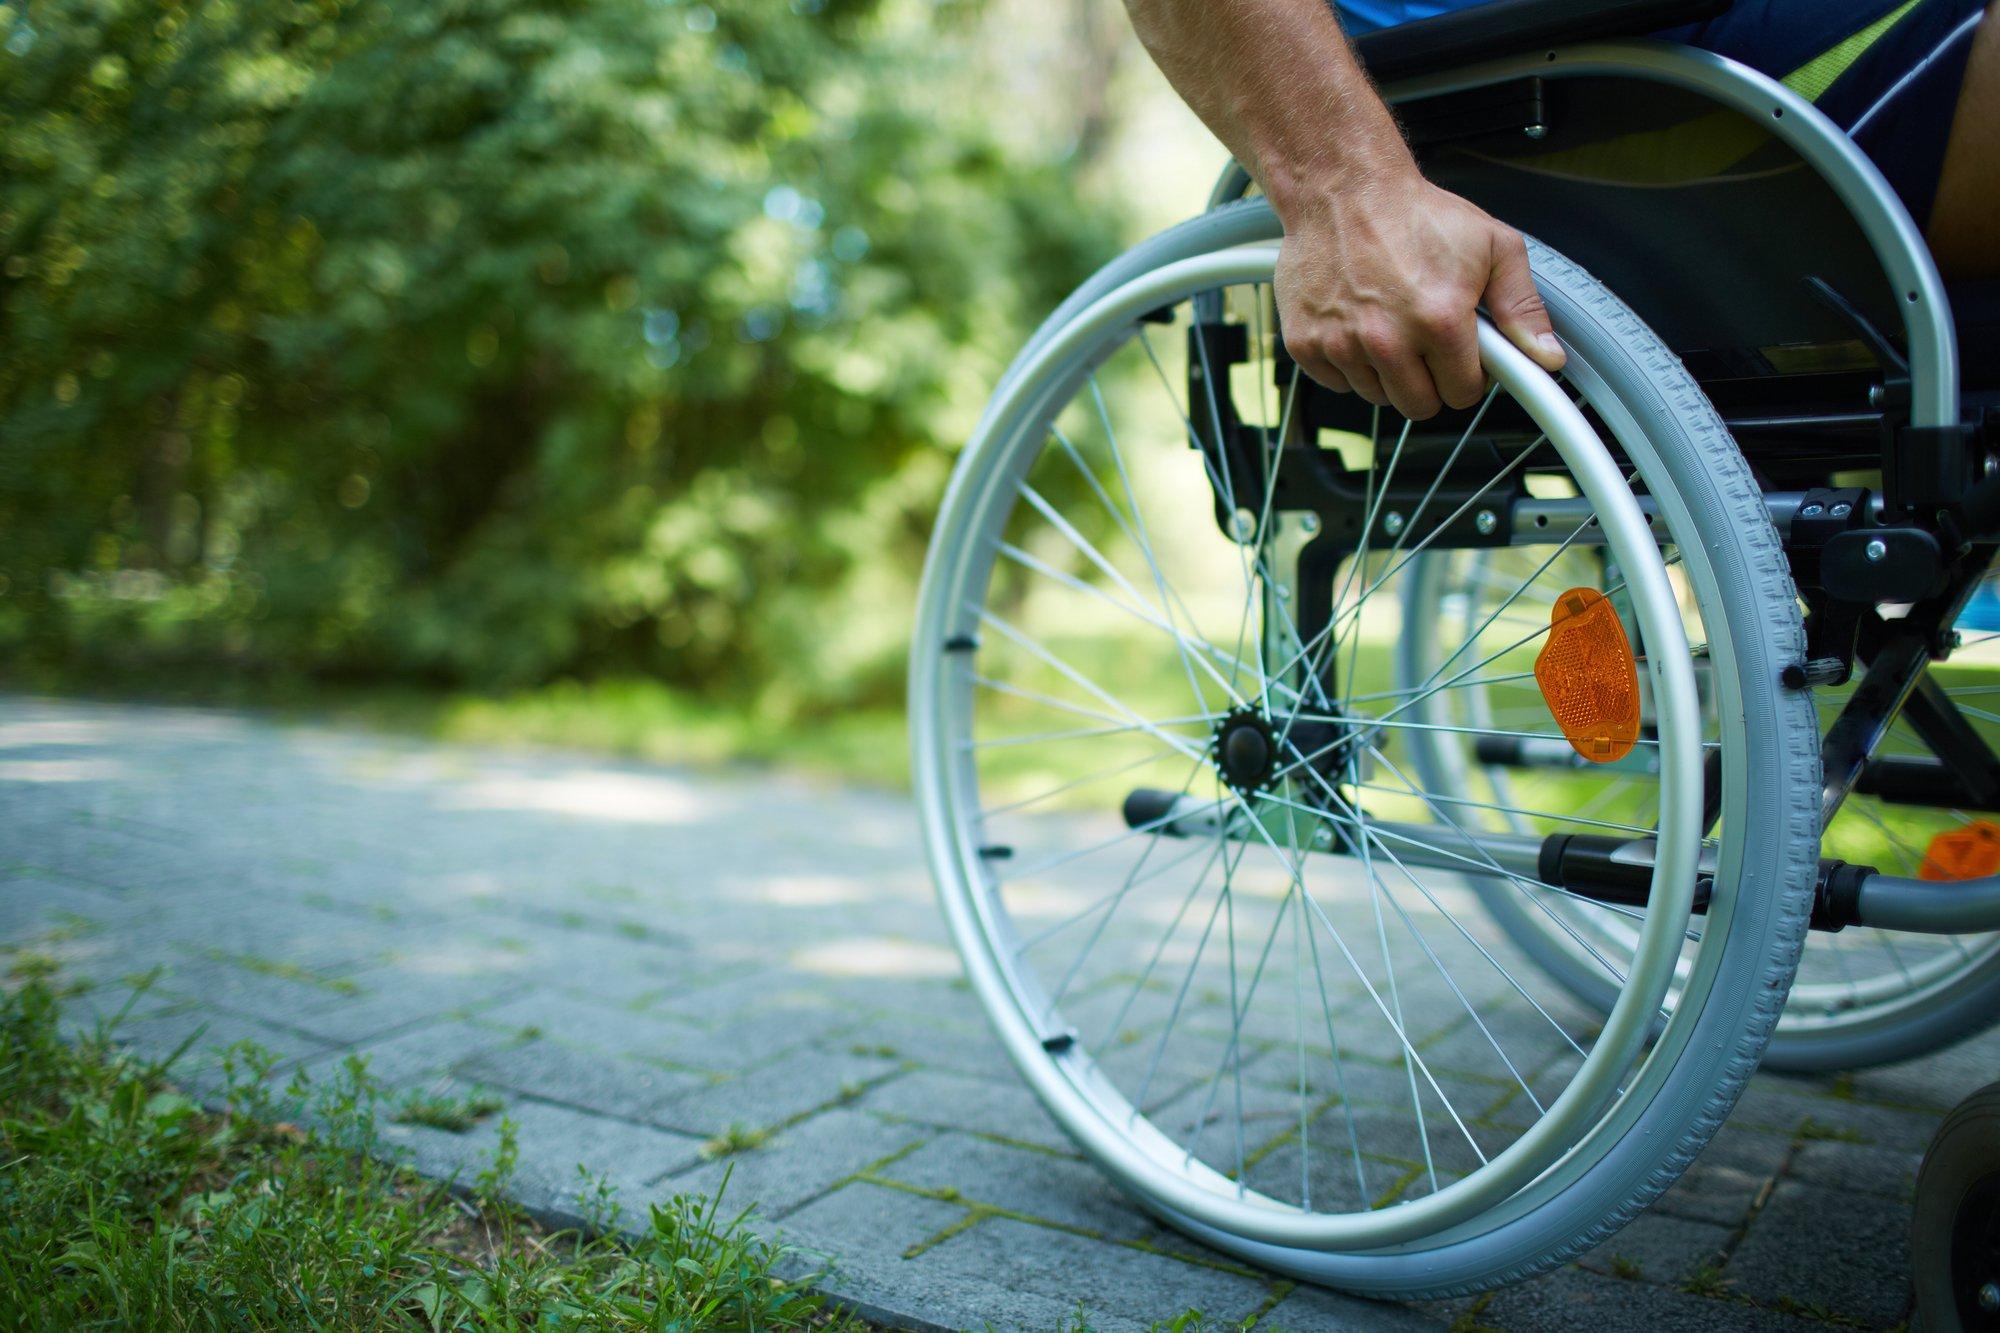 depositphotos 32902693 l 2015.jpg?resize=1200,630 - Paraplégique, il est capable de remarcher à l'aide de stimulations électriques.